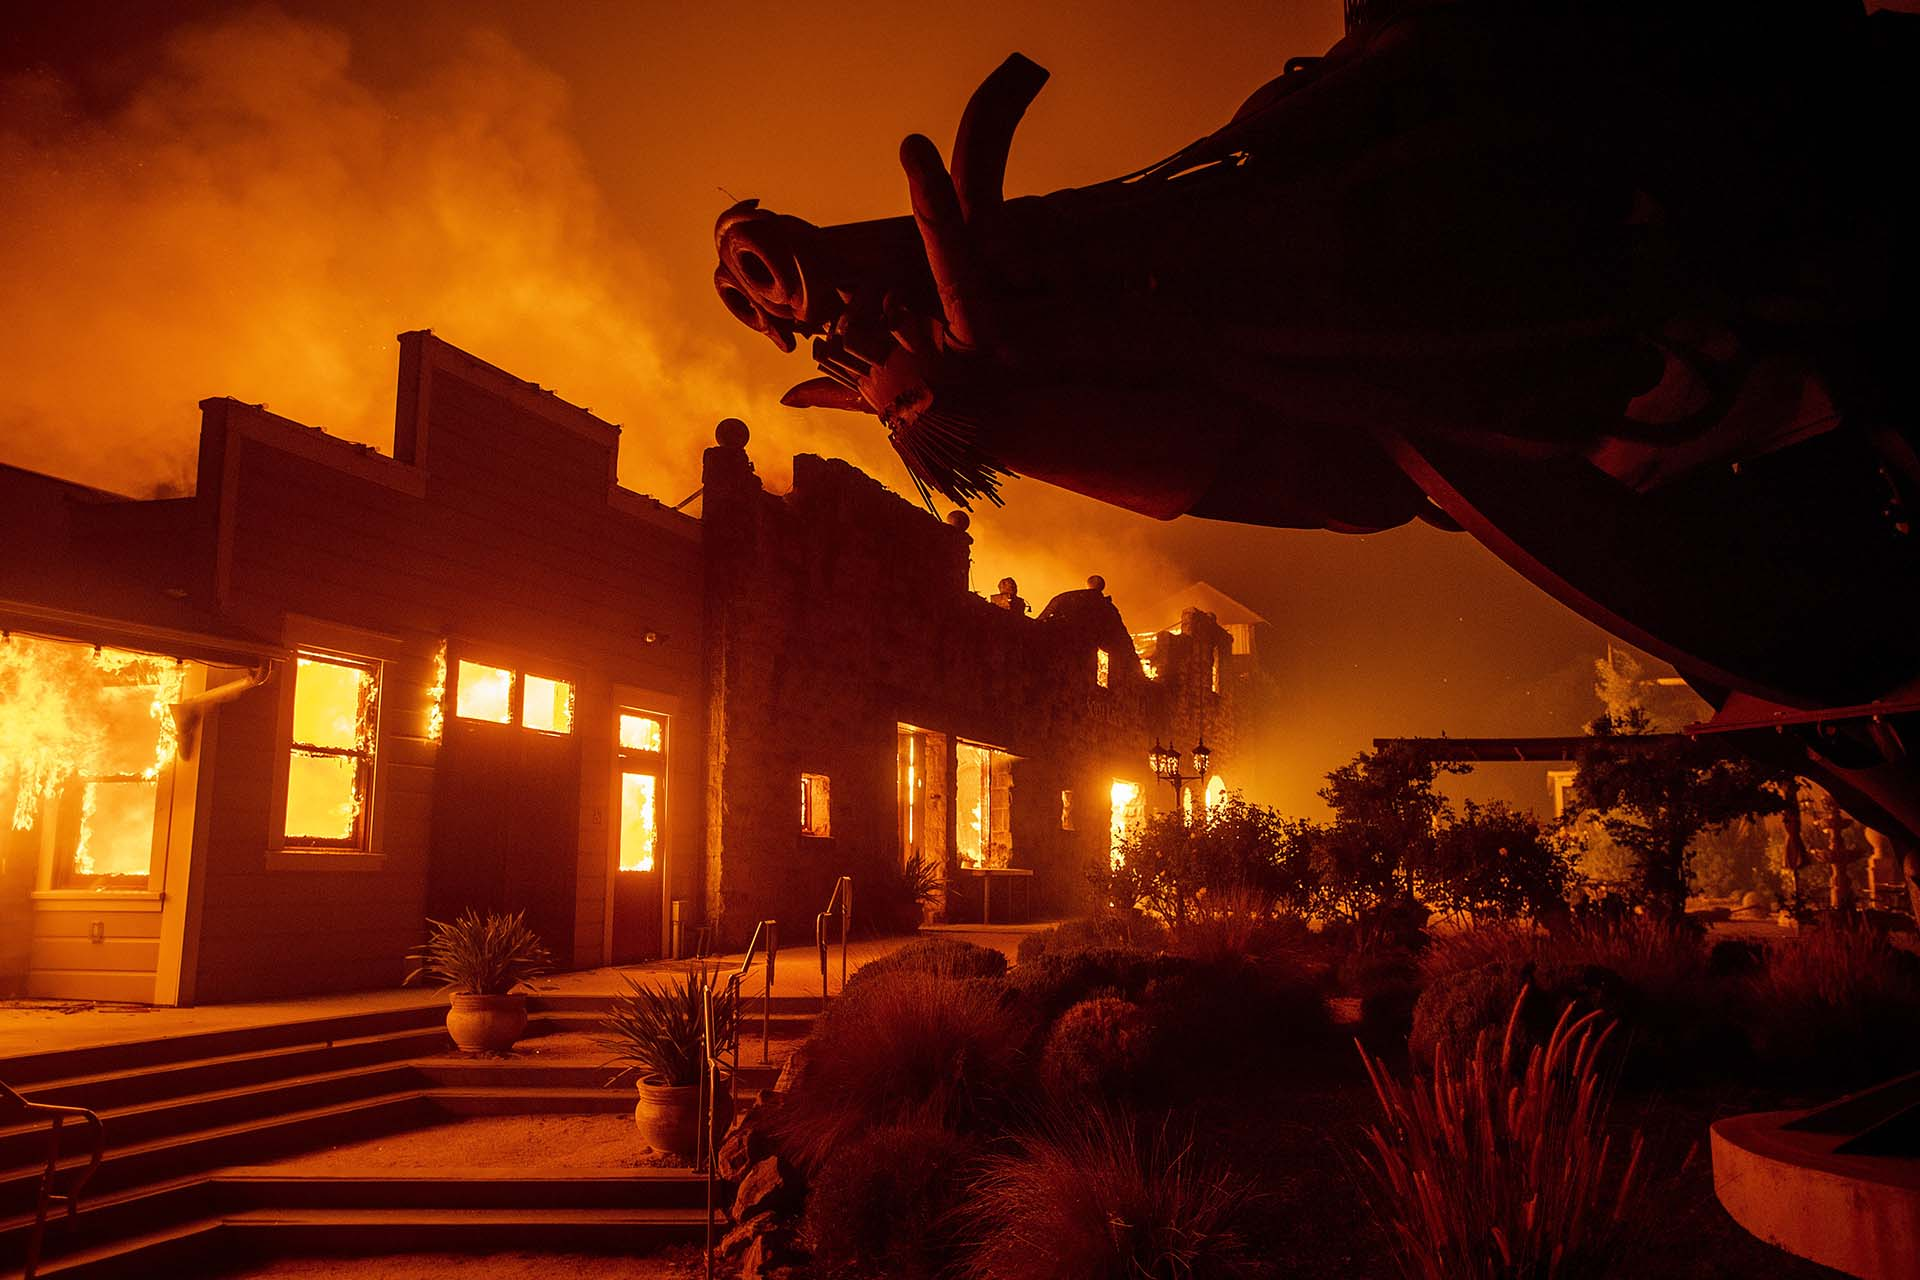 Emergencia en California. Incendios provocan devastación y evacuaciones